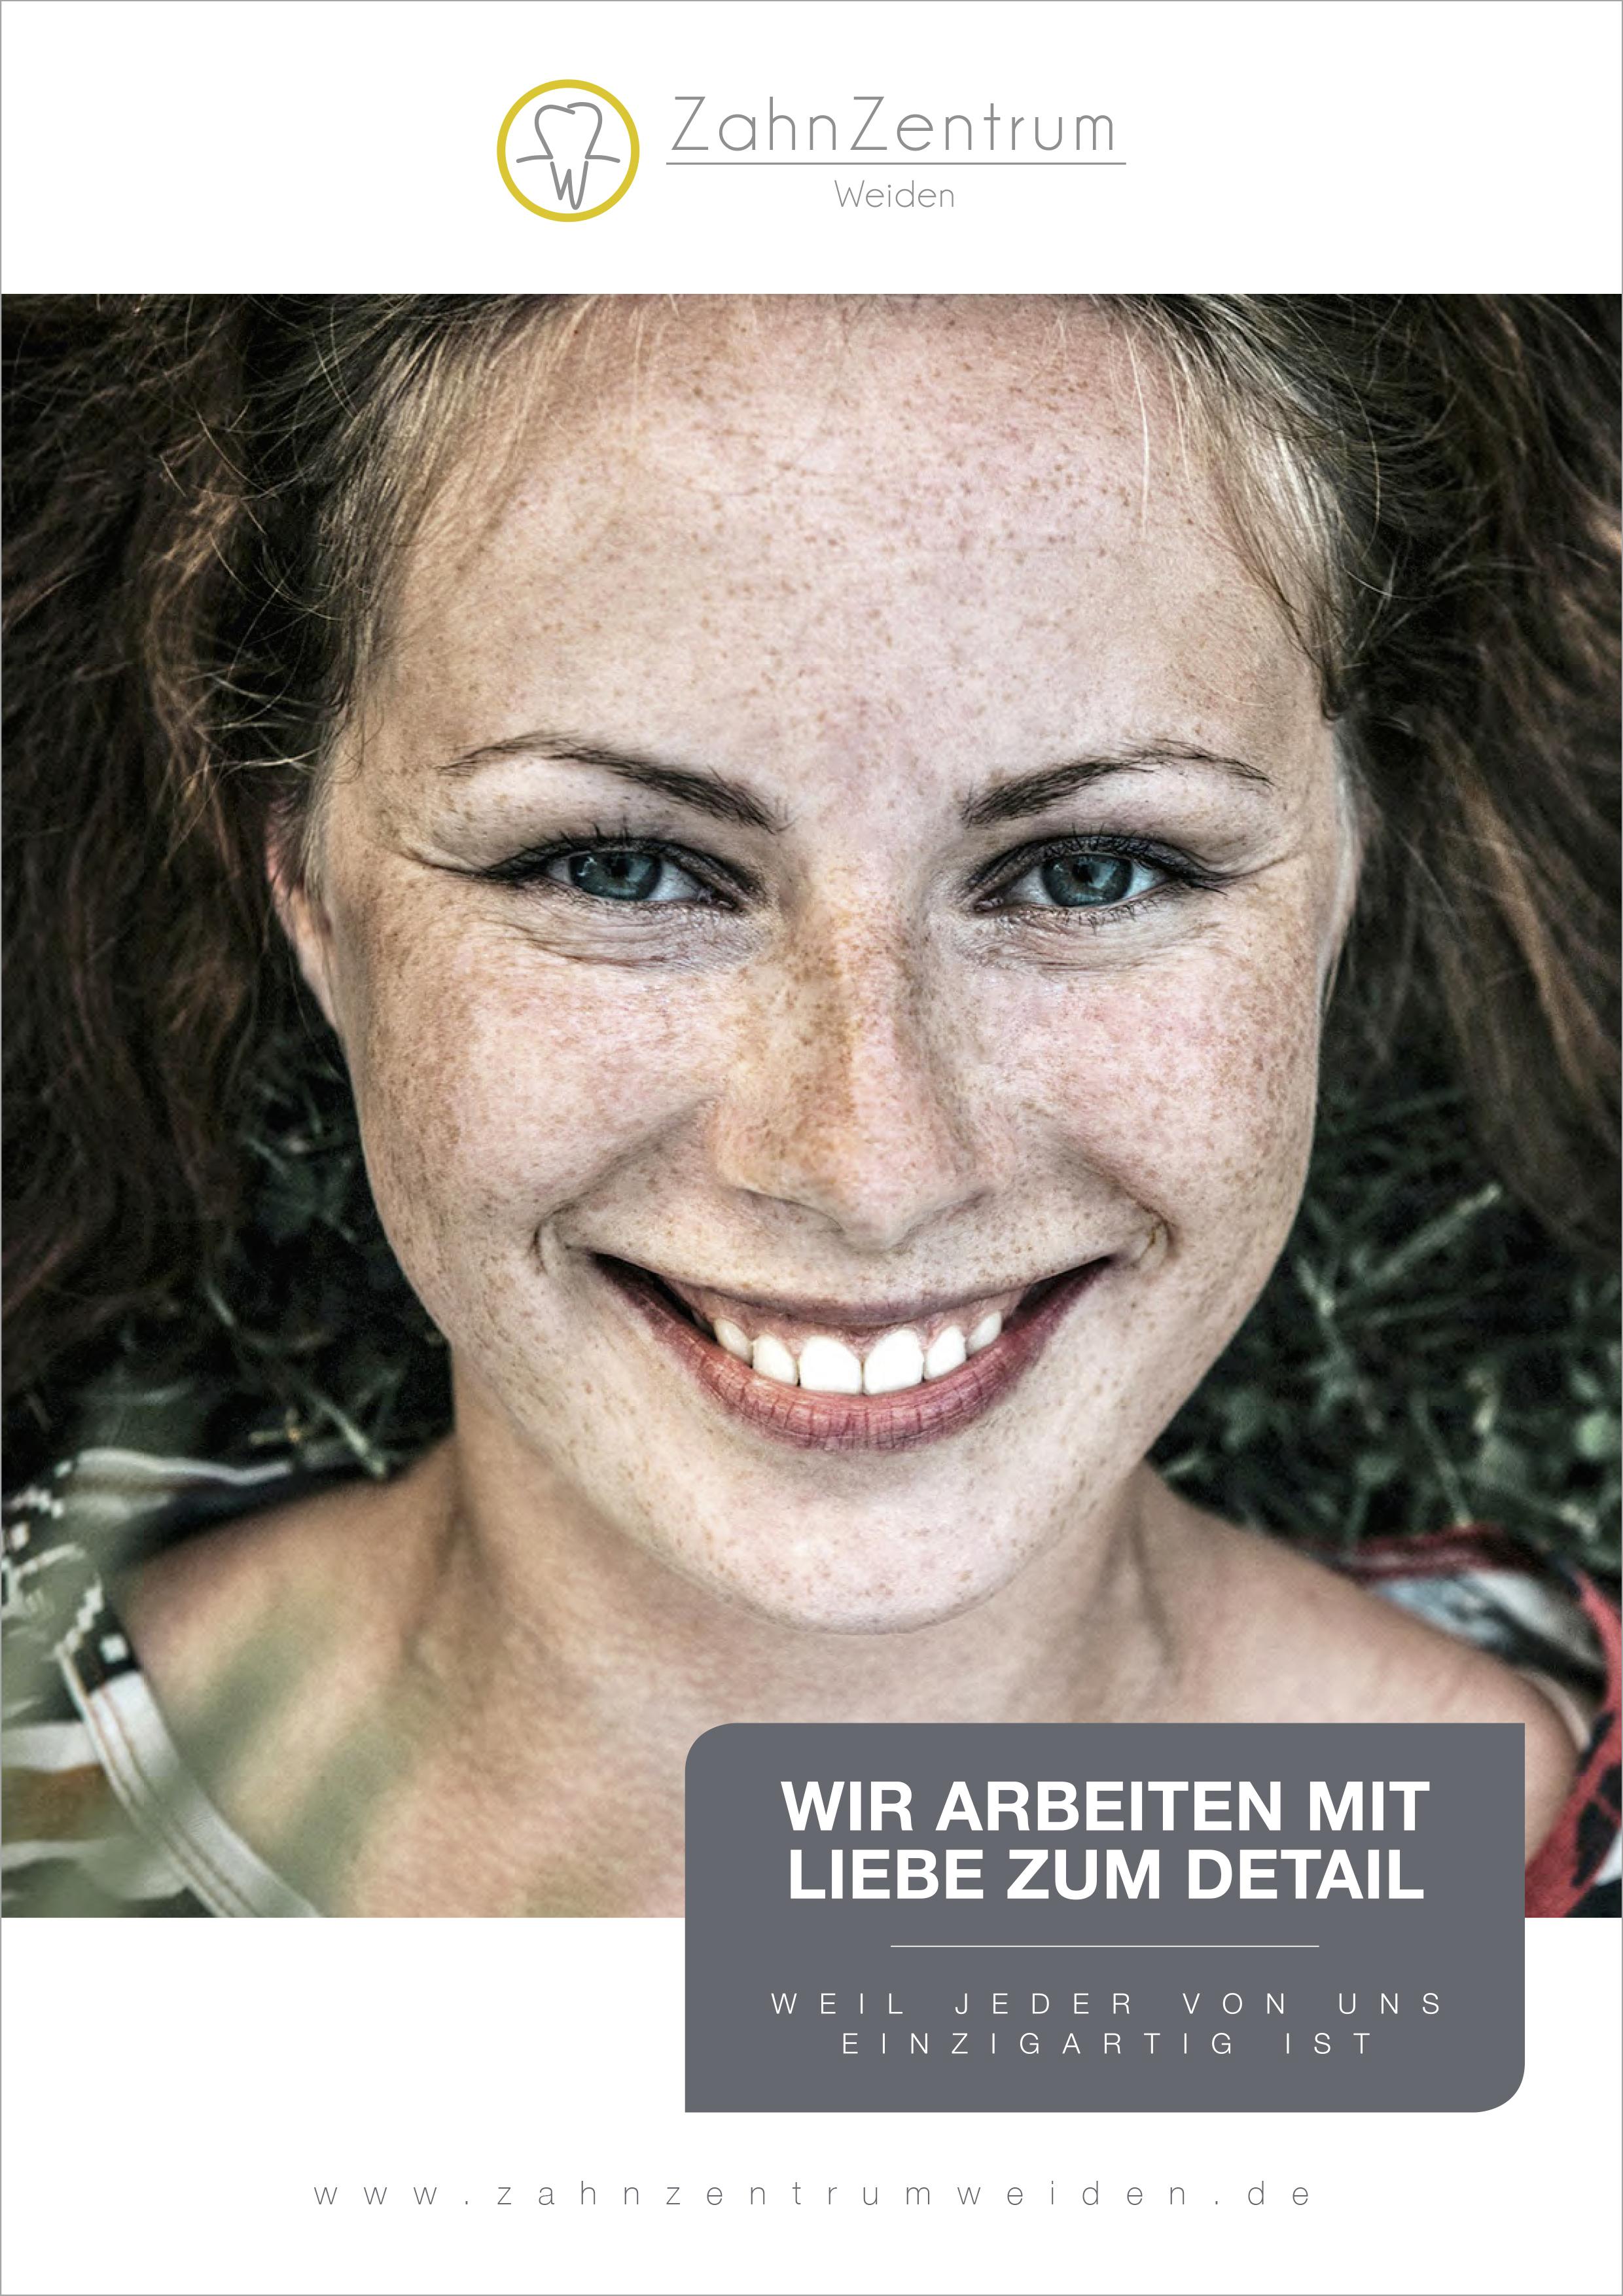 Zahnzentrum_Broschure